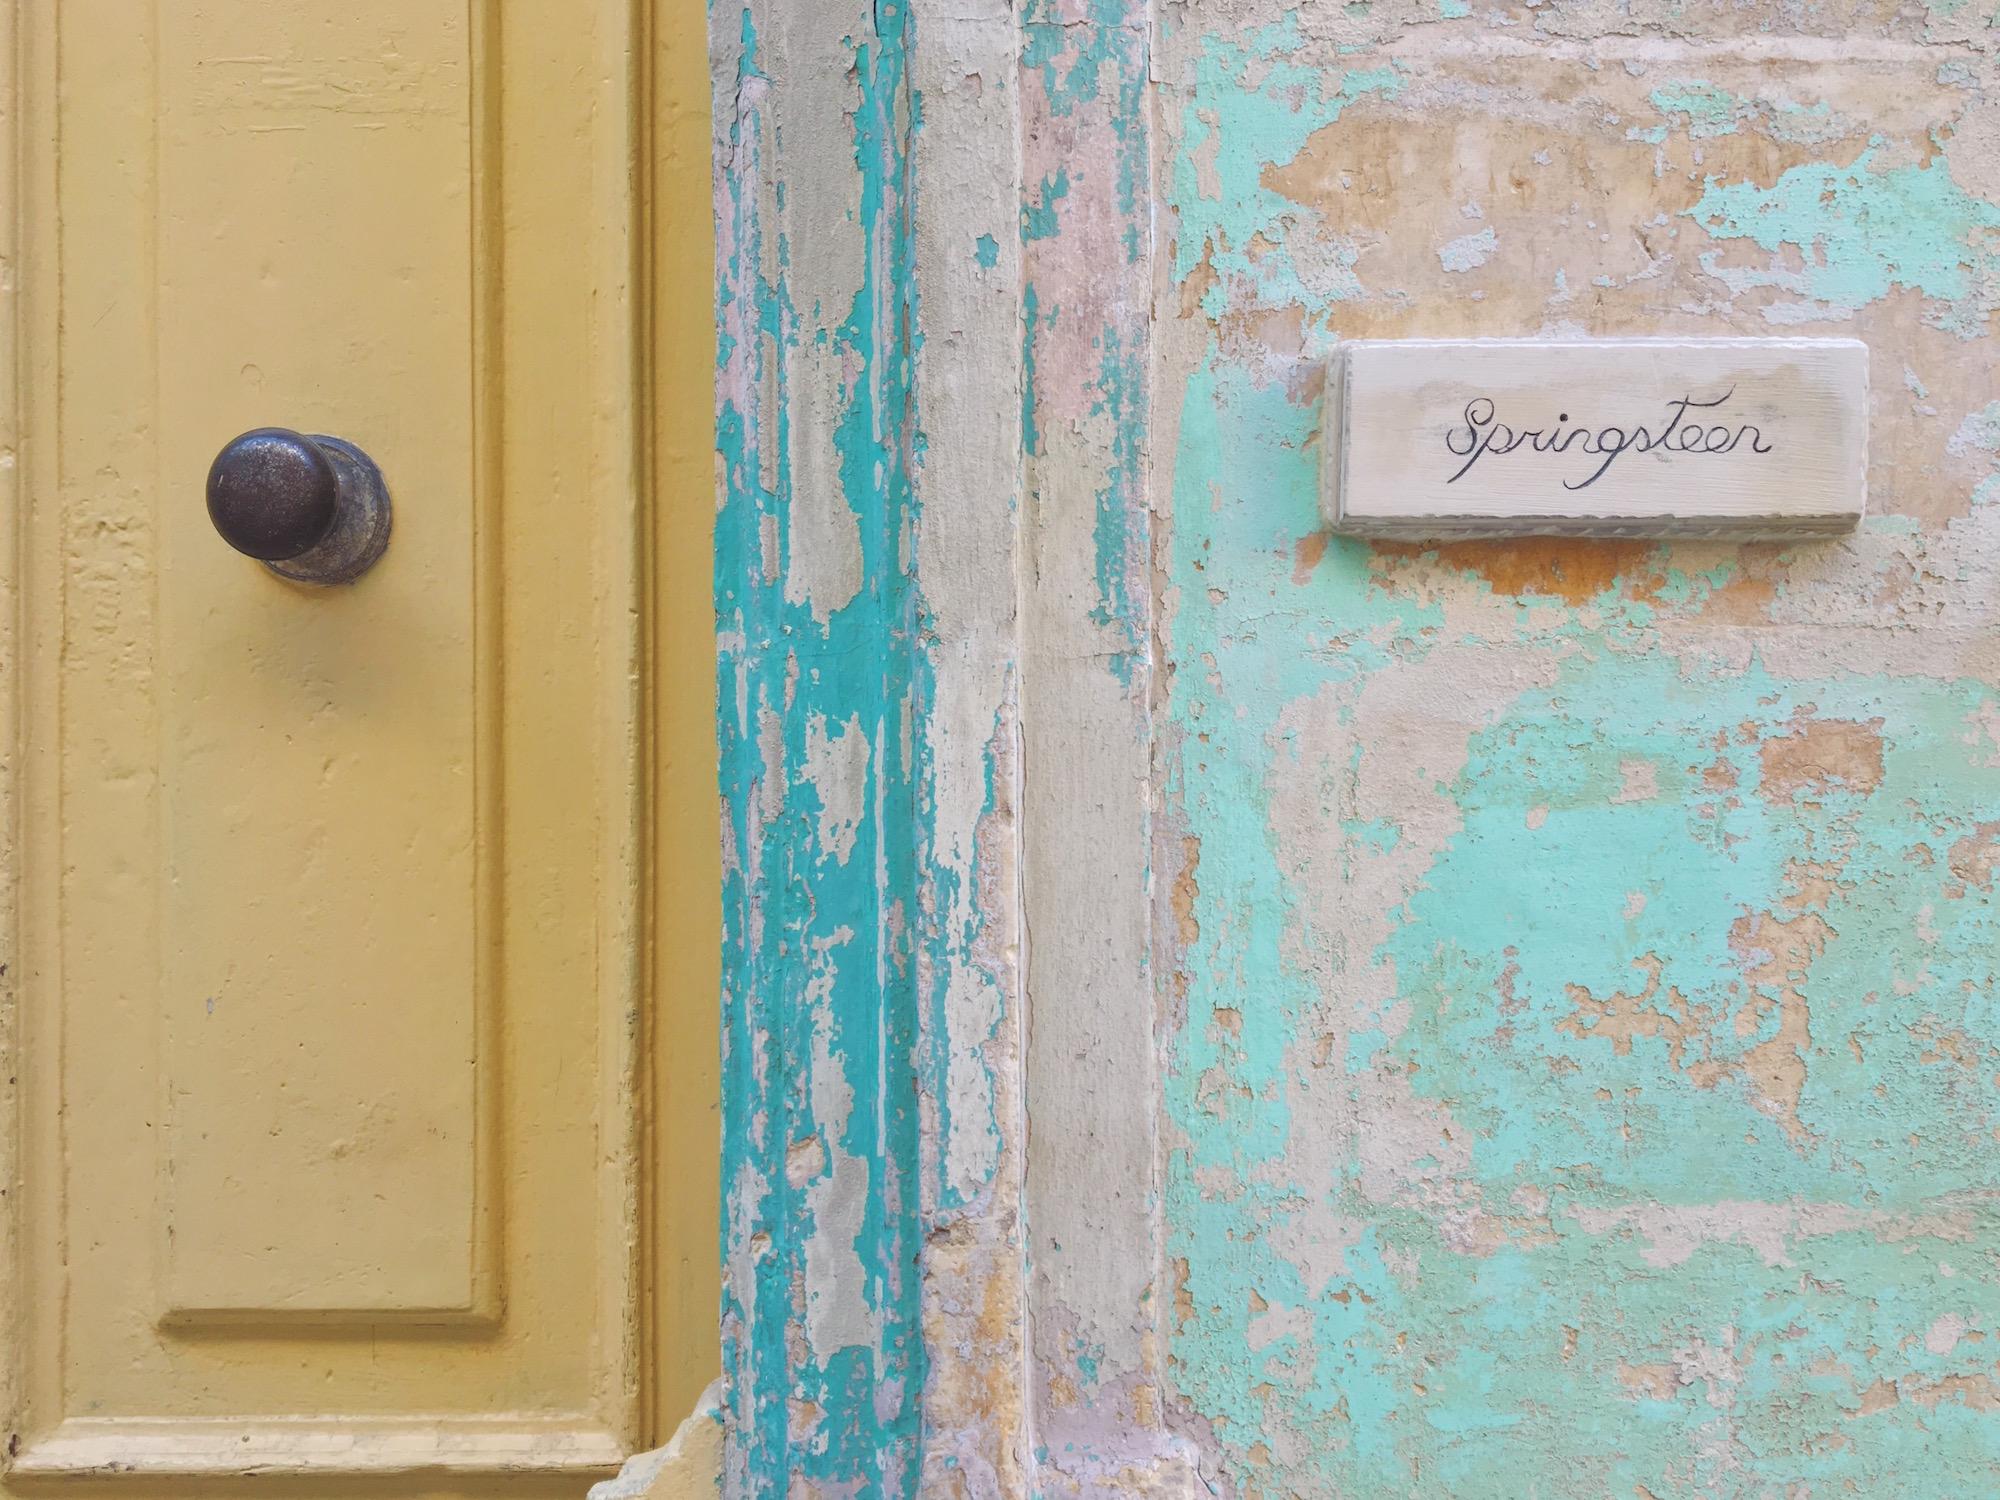 La lingua maltese è un mix tra la lingua araba e il dialetto siciliano, tra il francese e l'inglese